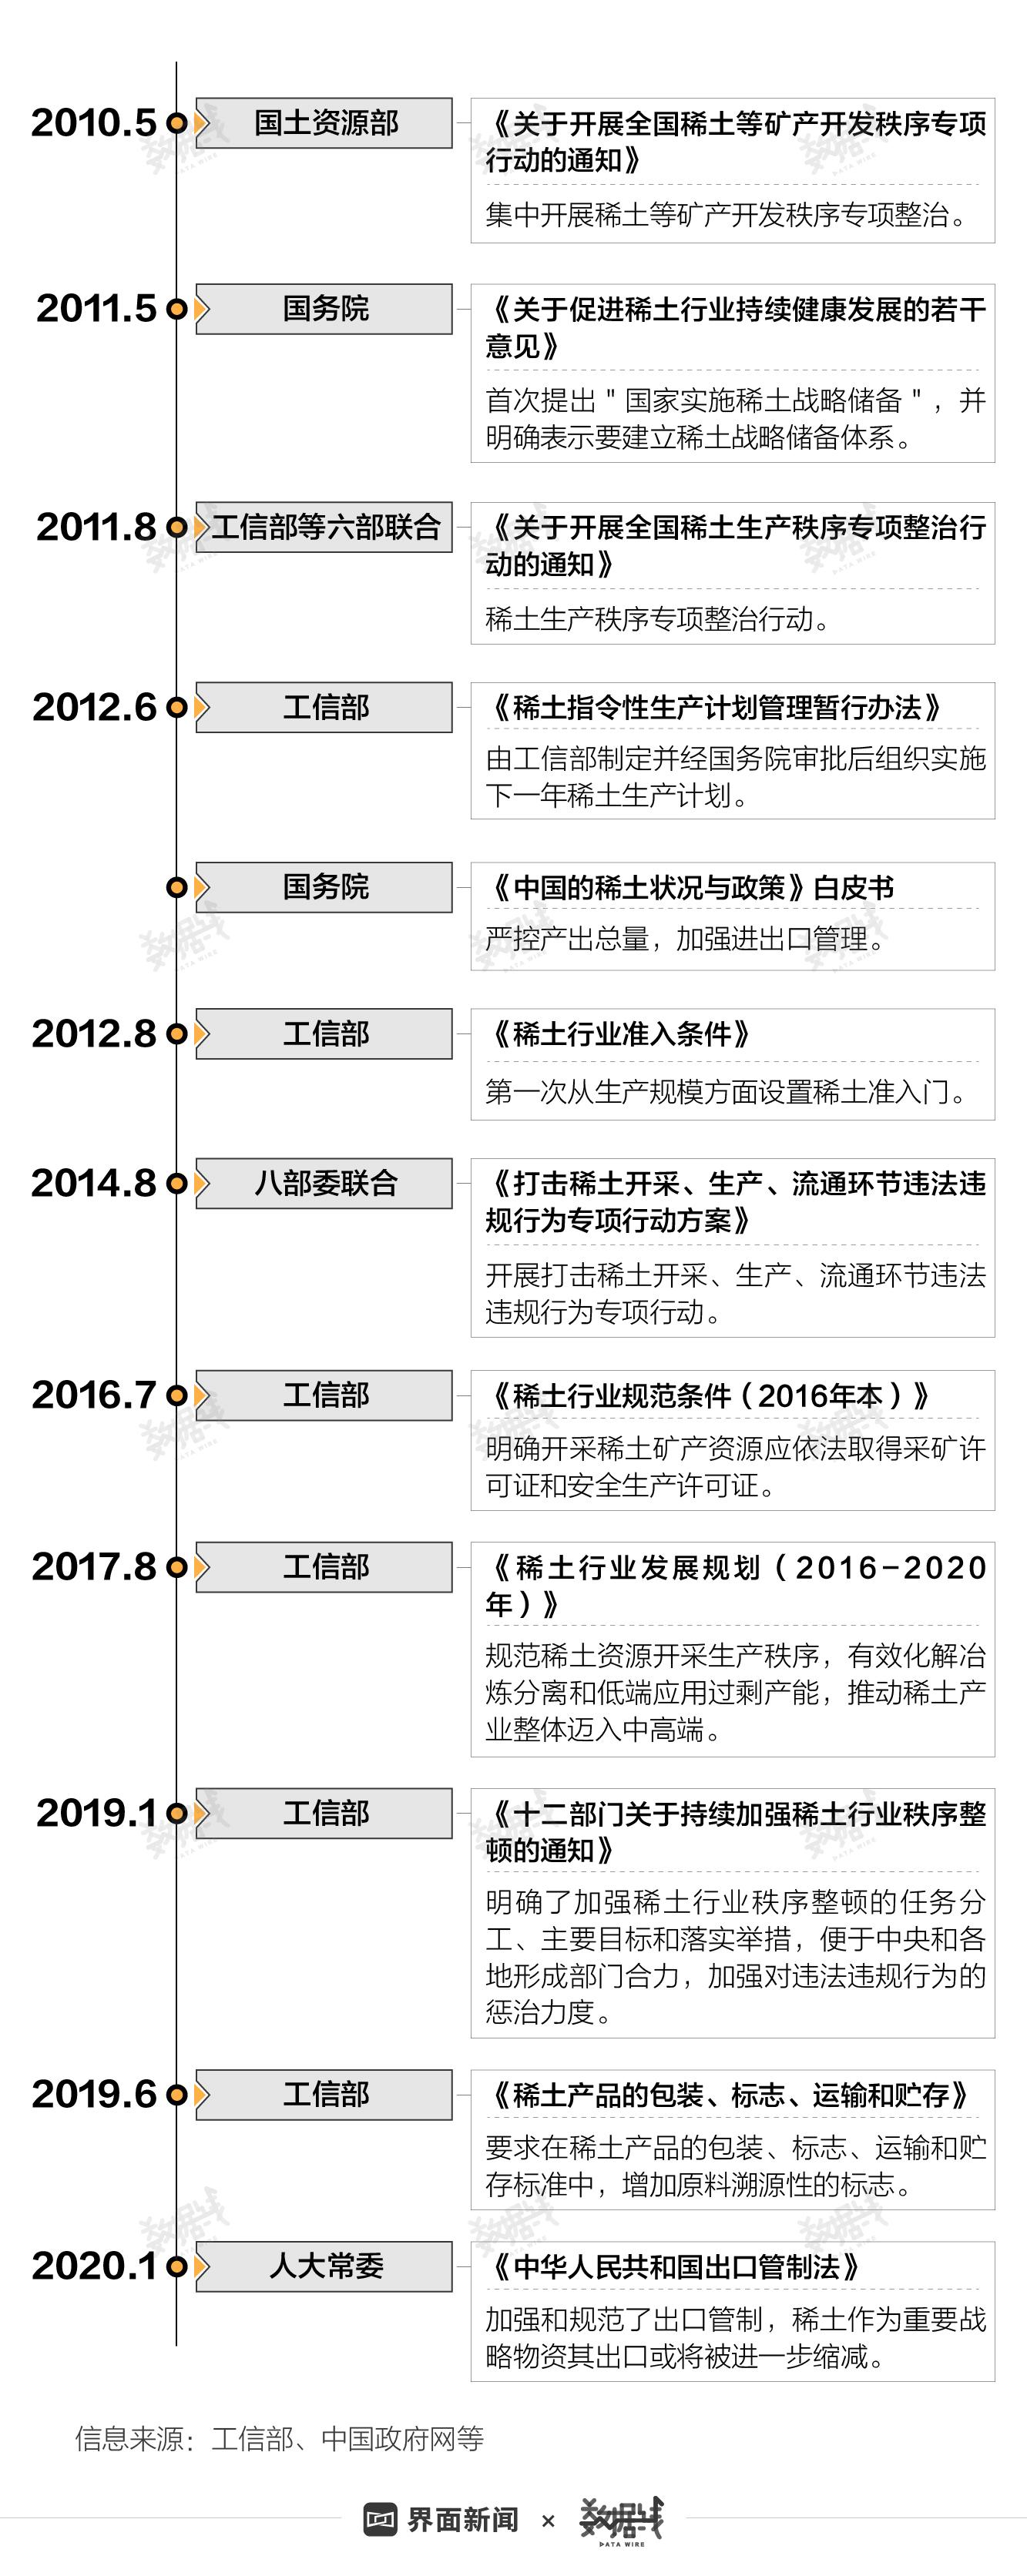 「深度」稀土开启景气新周期,中国能借机夺回国际话语权吗?